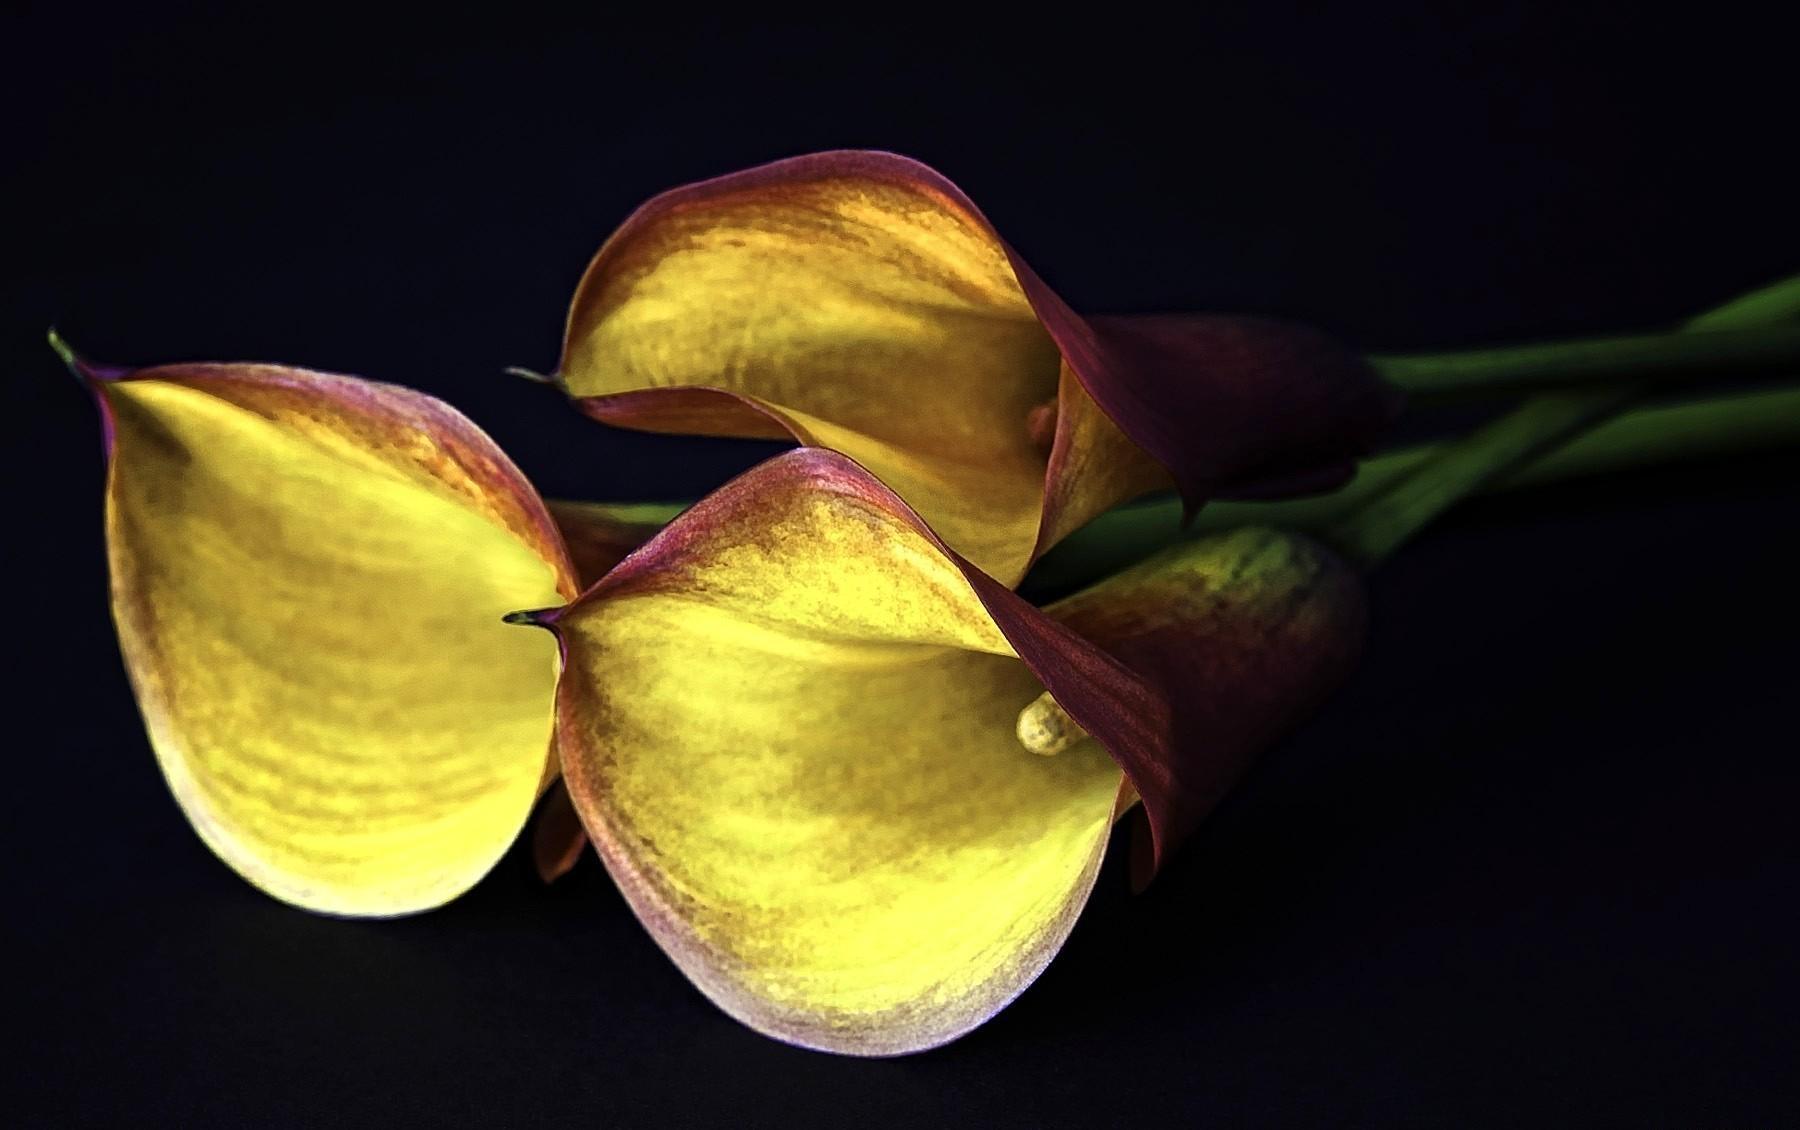 127259 Hintergrundbild herunterladen Blumen, Schwarzer Hintergrund, Calla, Callas, Drei - Bildschirmschoner und Bilder kostenlos